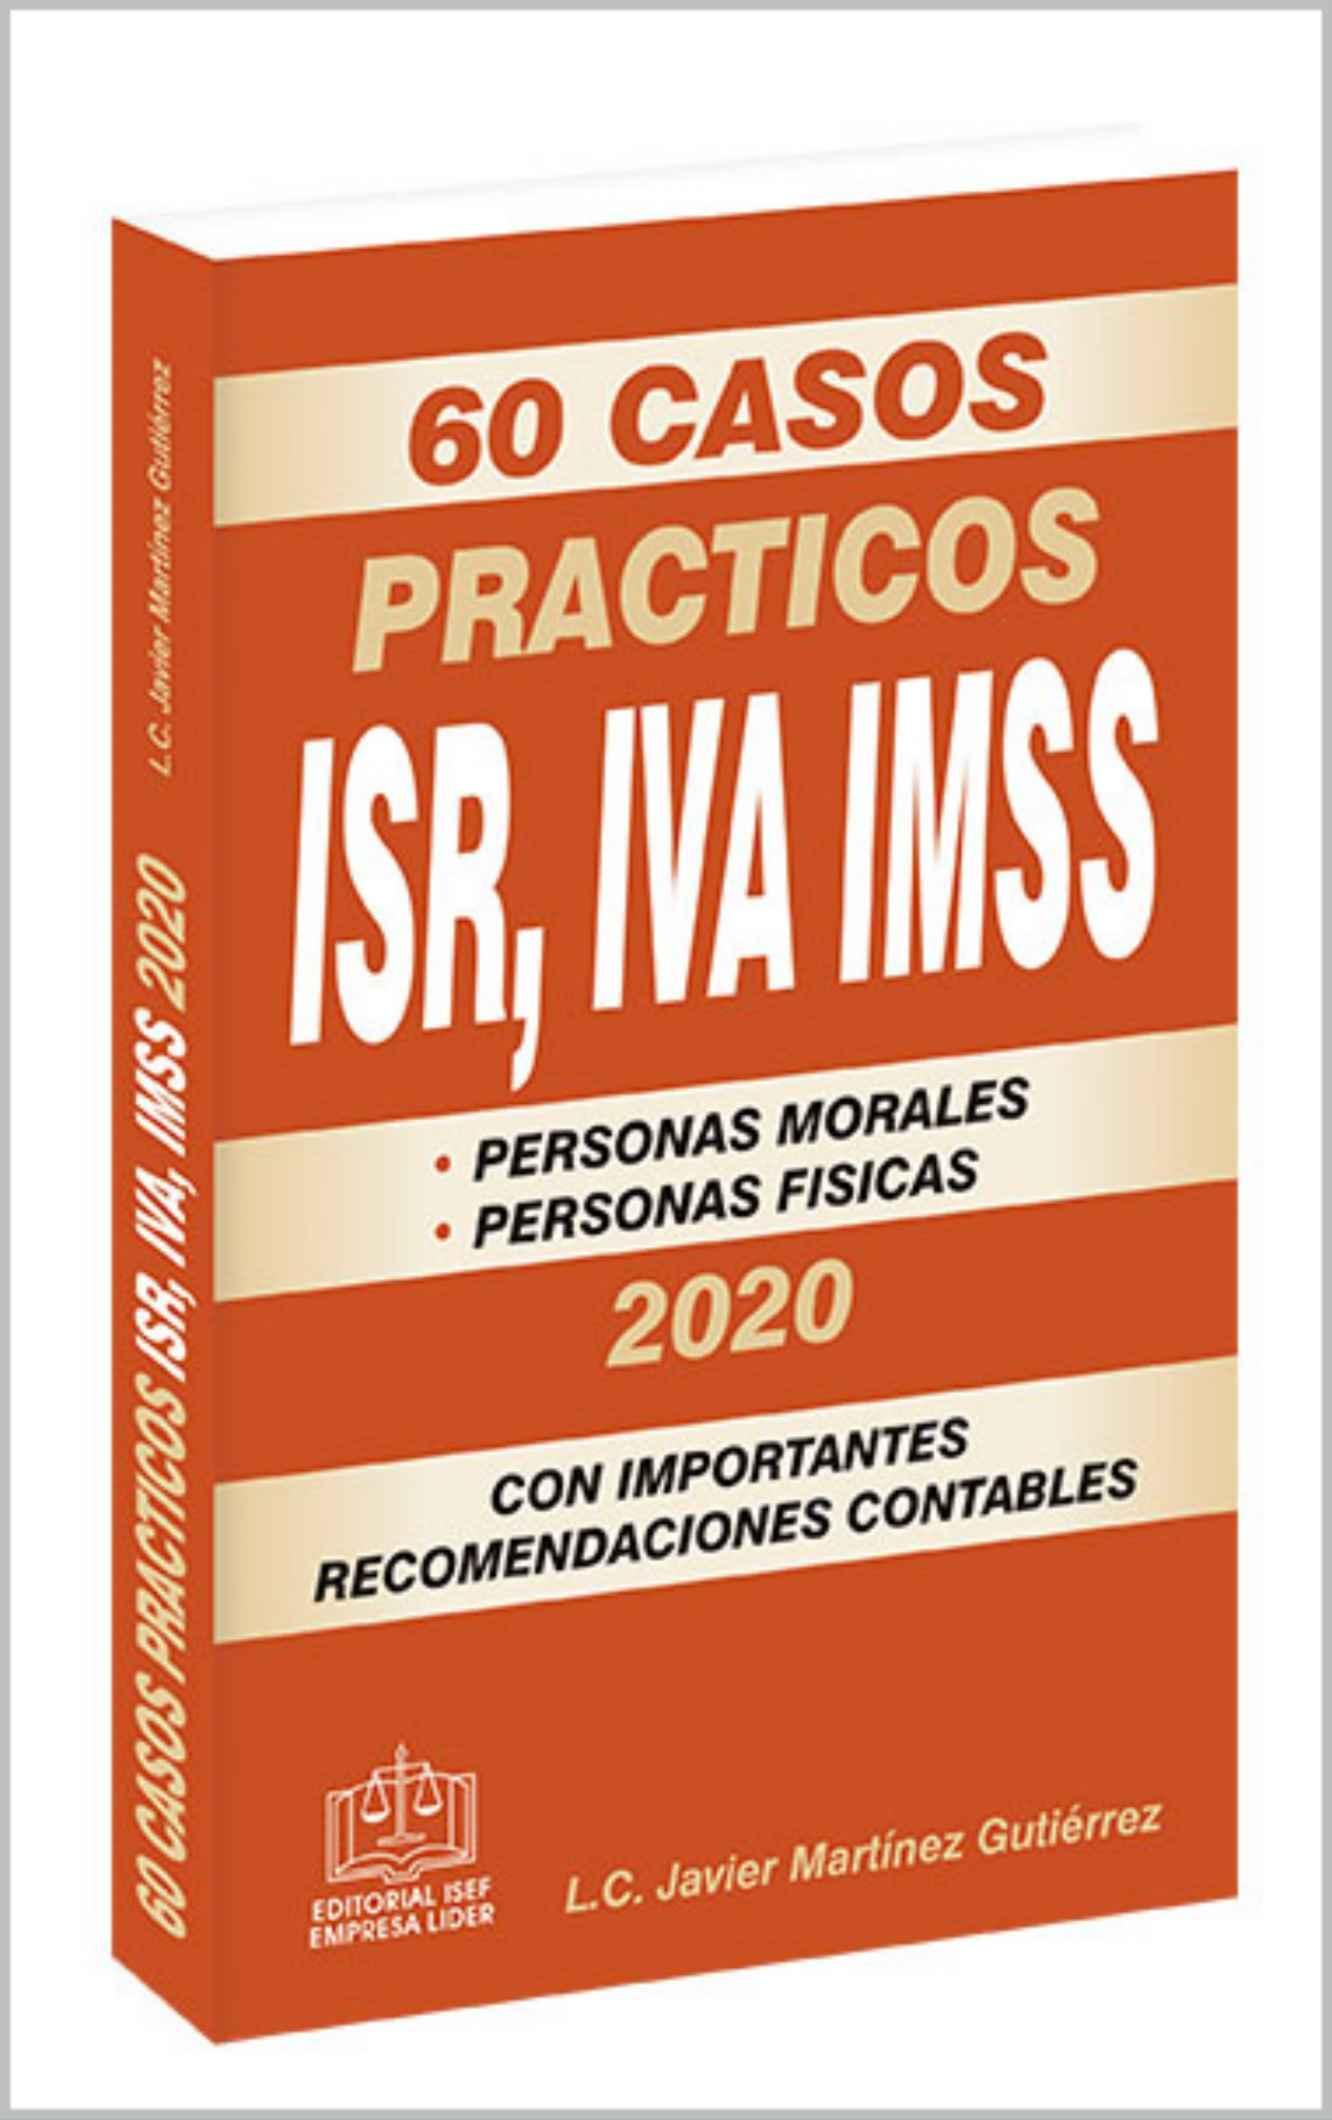 60 CASOS PRACTICOS ISR, IVA, IMSS 2020: con importantes recomendaciones contables